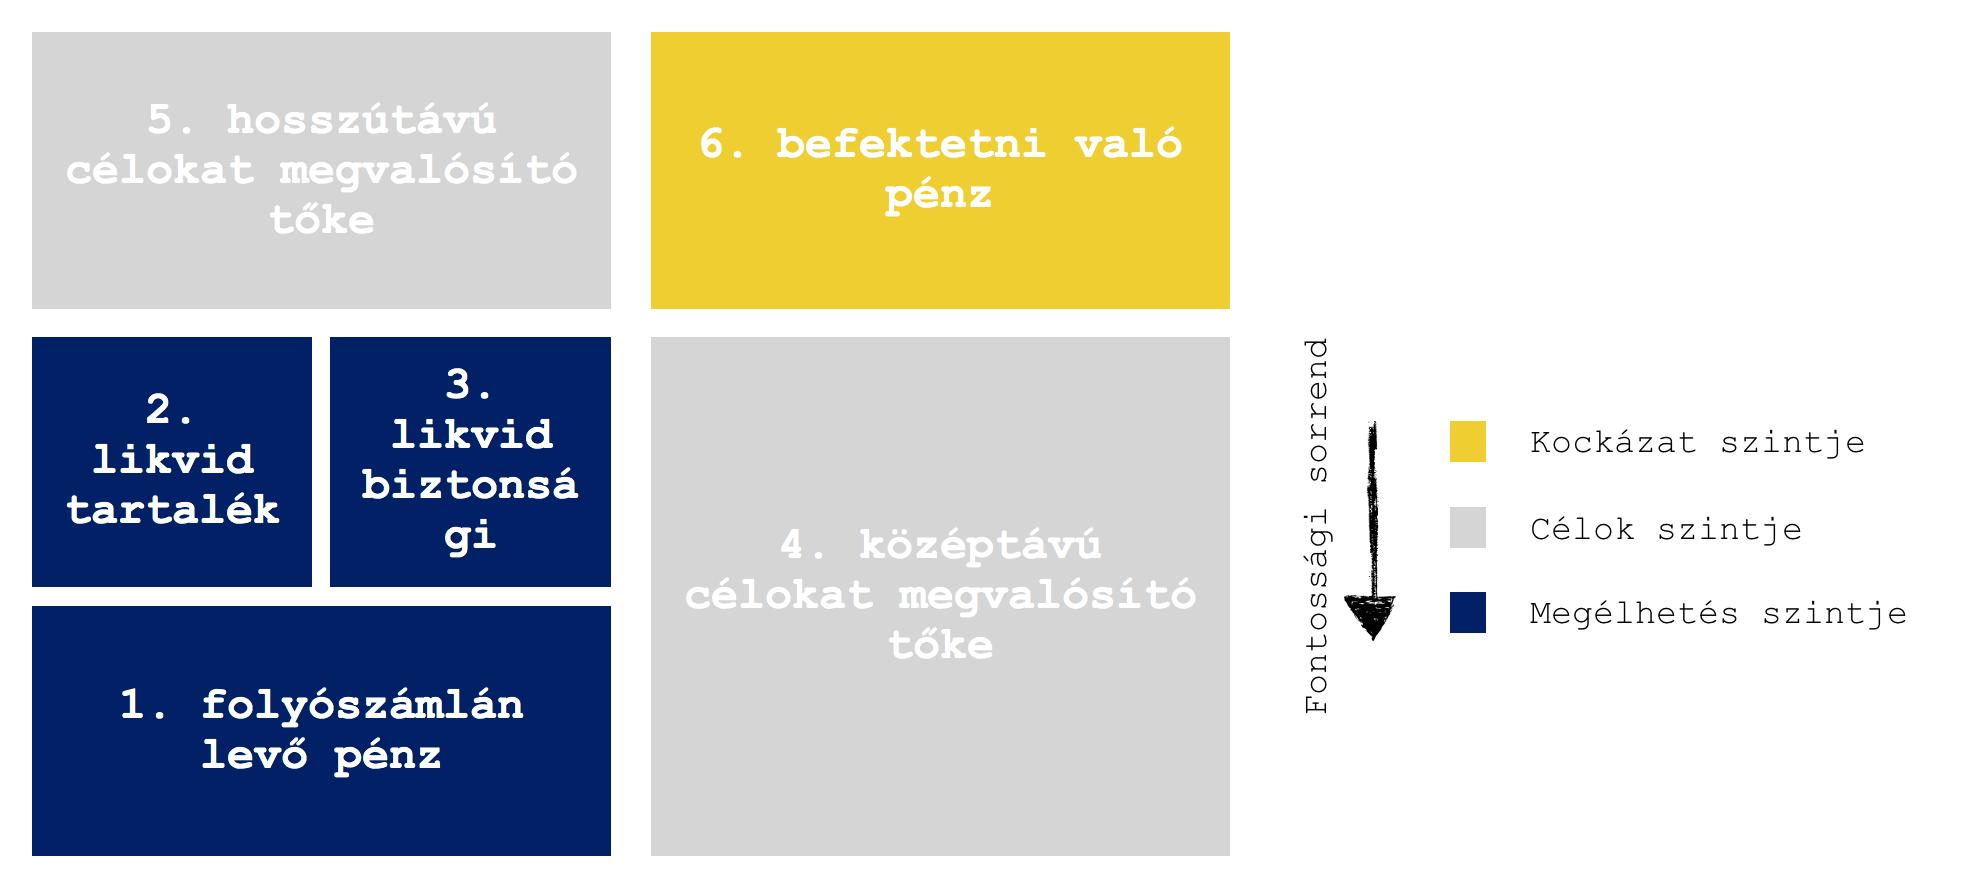 hogyan kell helyesen működni a bináris opcióknál hogyan lehet meghatározni az opciók trendjét